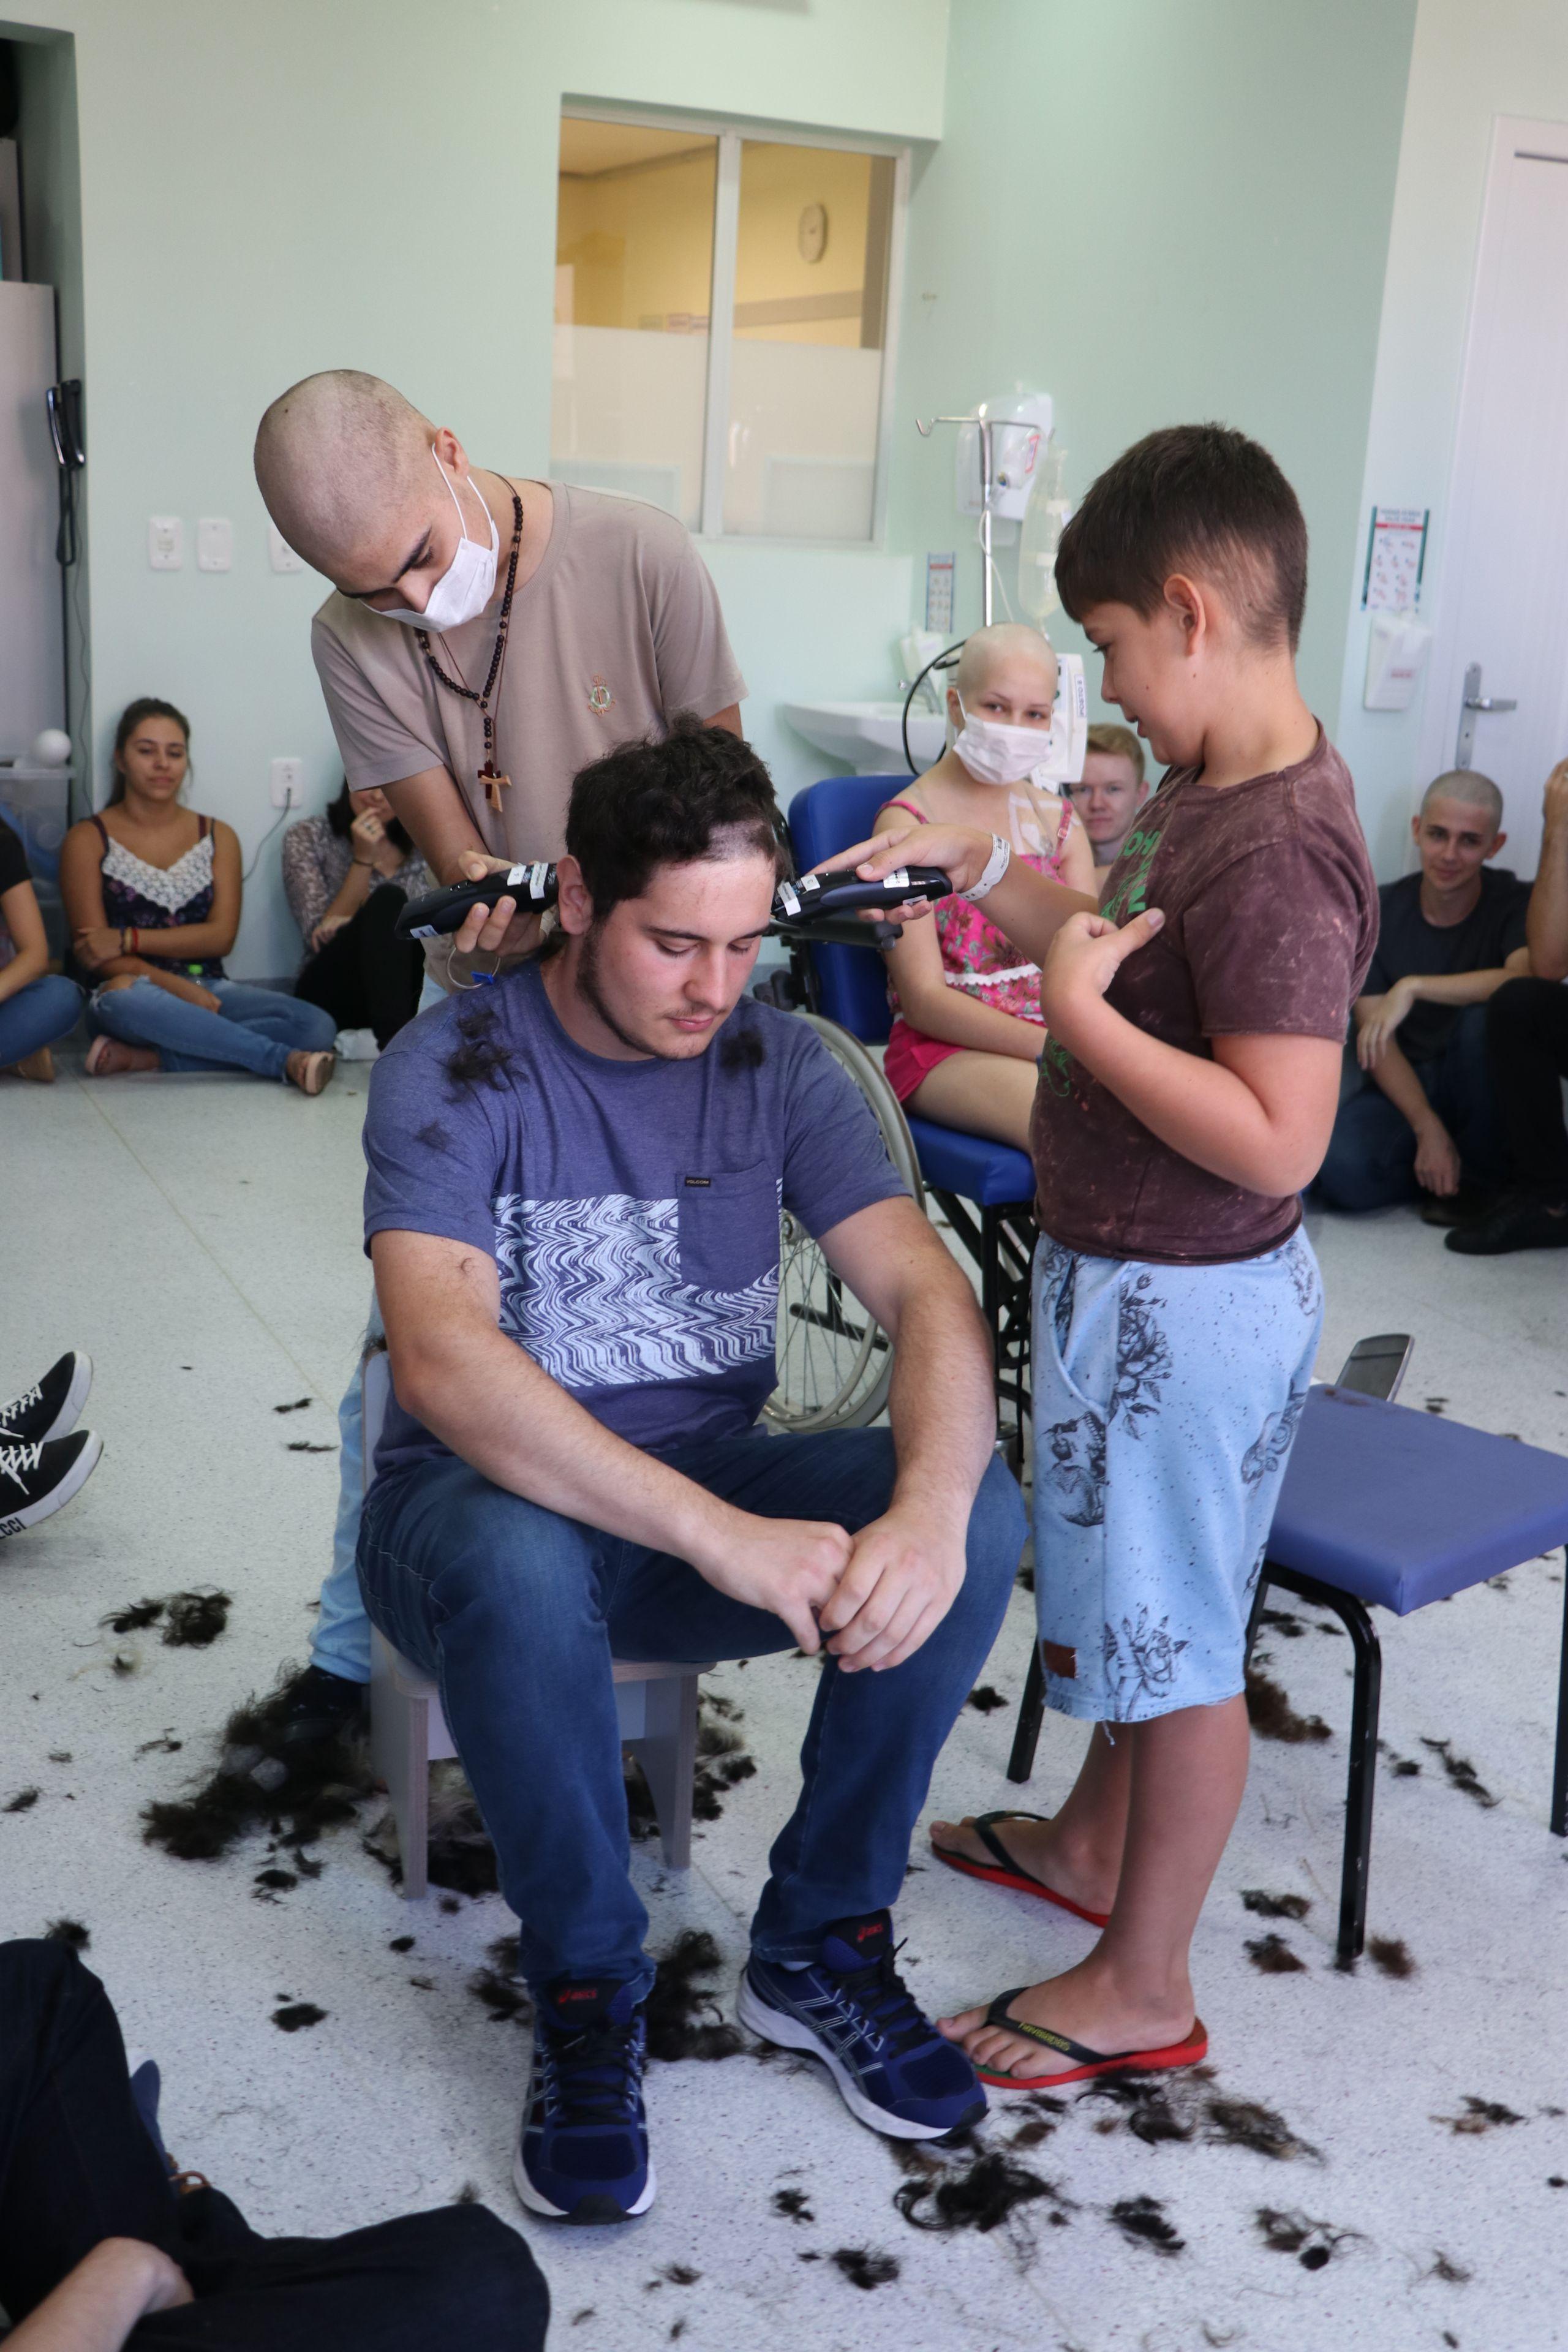 Crianças fazem trote com alunos de Medicina durante tratamento em hospital